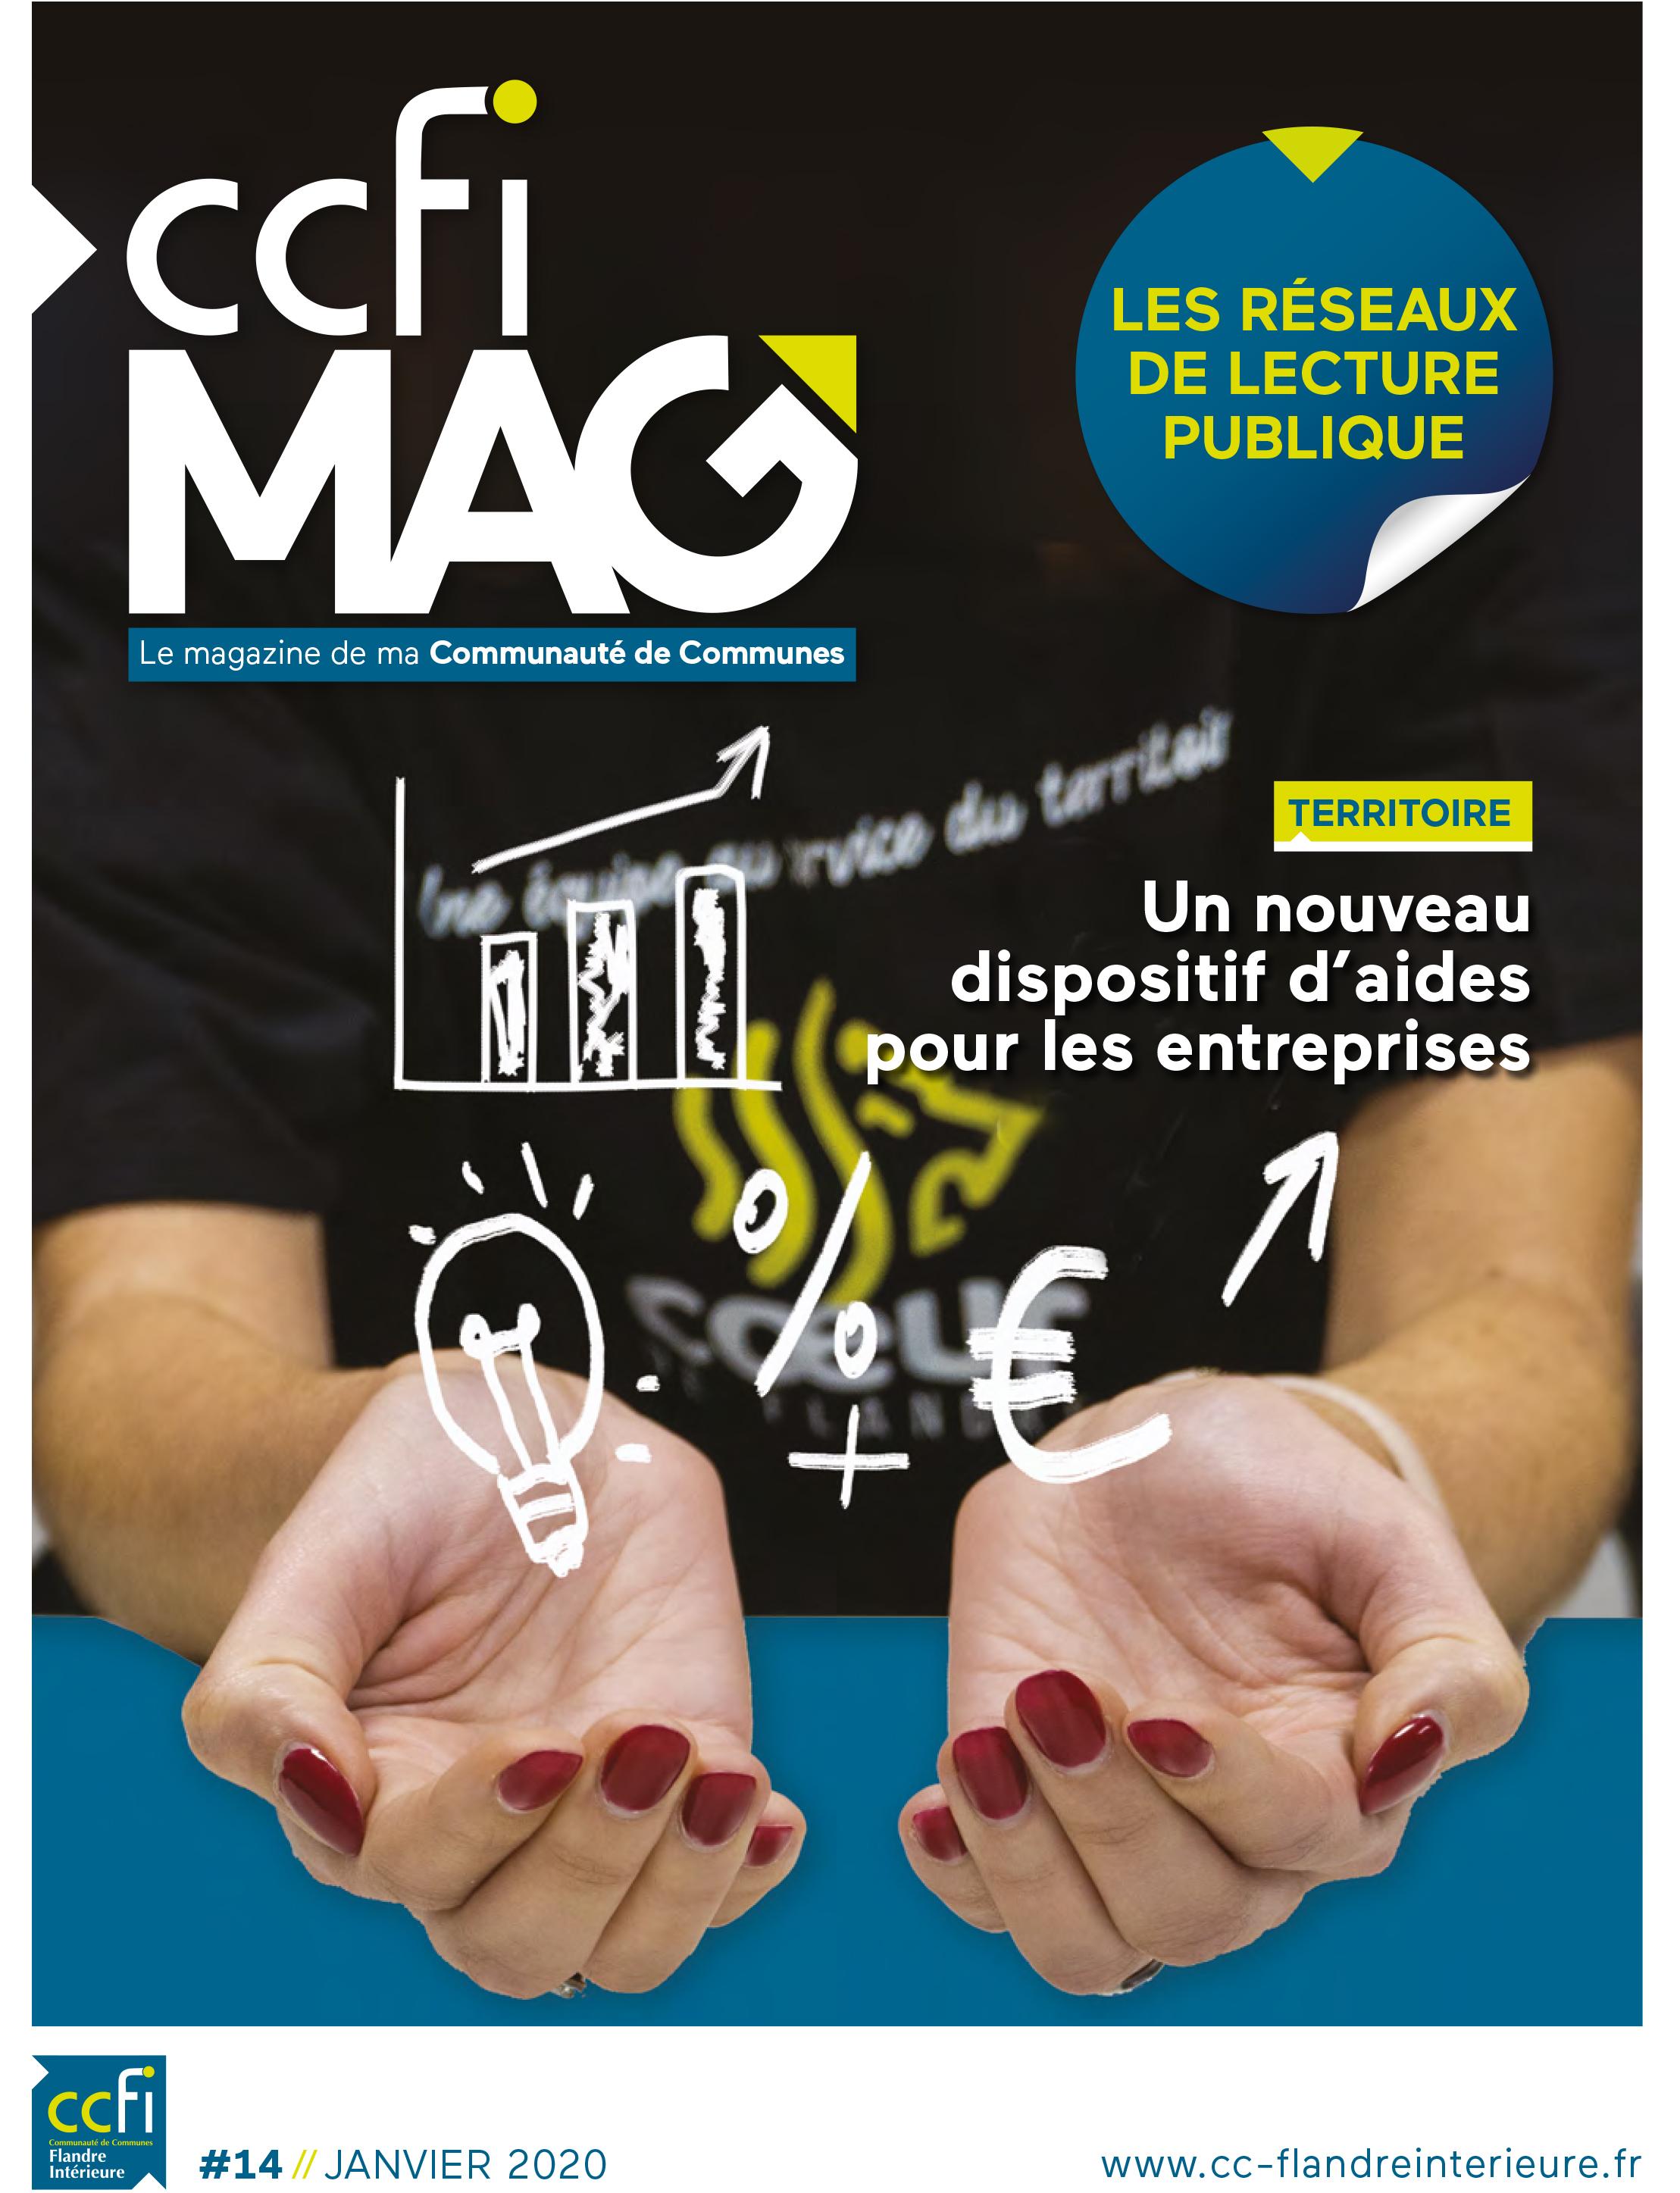 CCFI MAG14.jpg